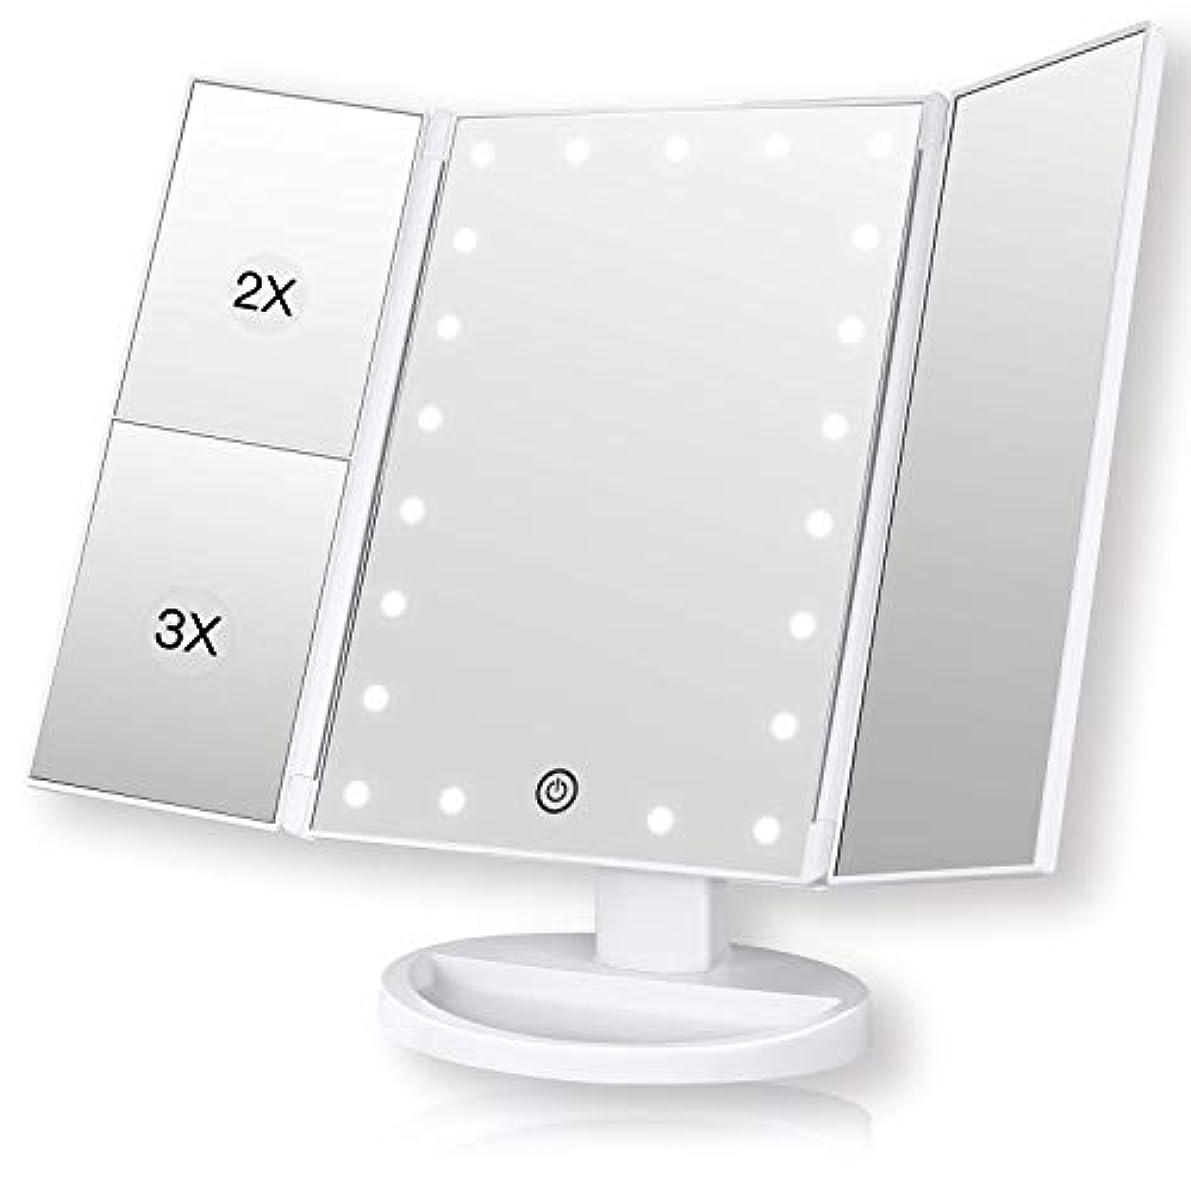 に対処する選ぶフェザーROZZERMAN 化粧鏡 卓上ミラー 三面鏡 ledライト 女優ミラー 折りたたみ 持ち運び 拡大鏡 2倍 3倍 角度調整